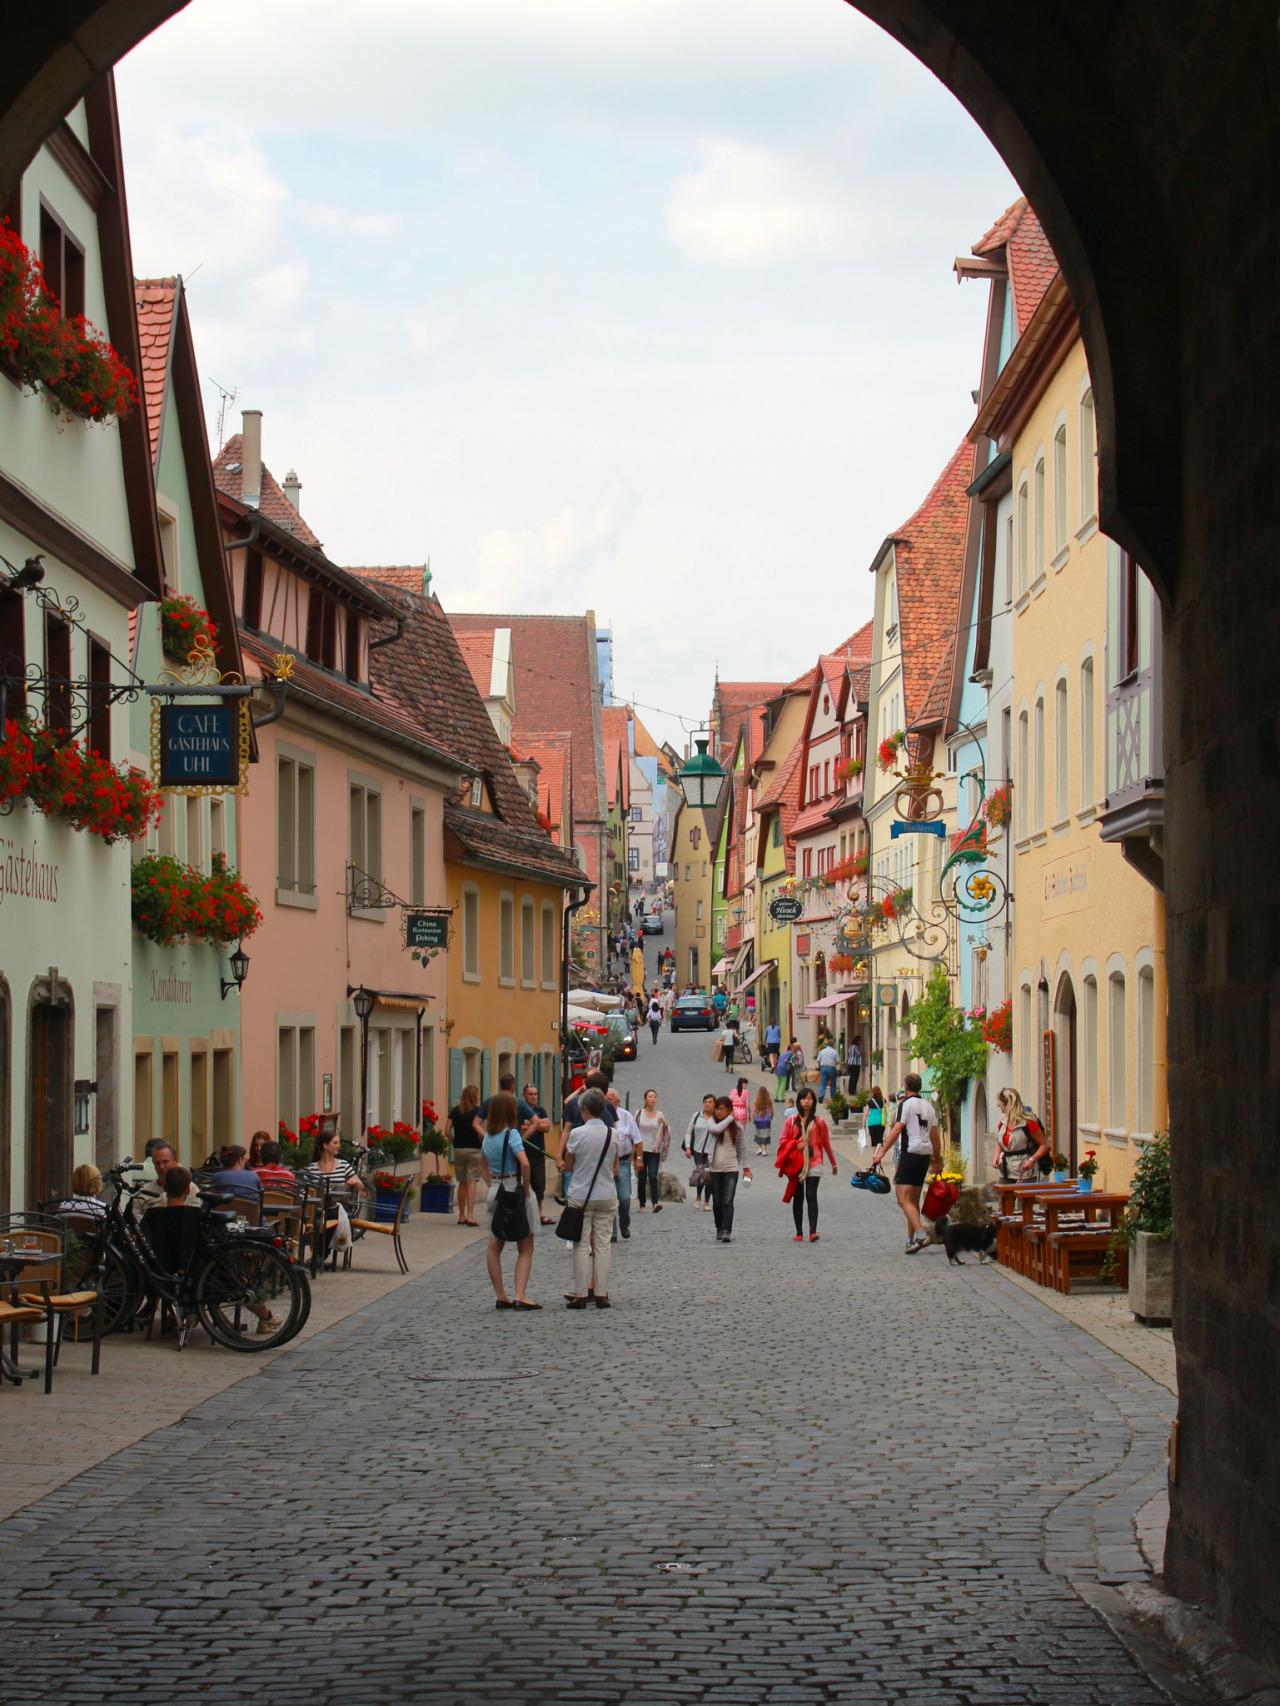 Rothenburg ob der Tauber / Germany